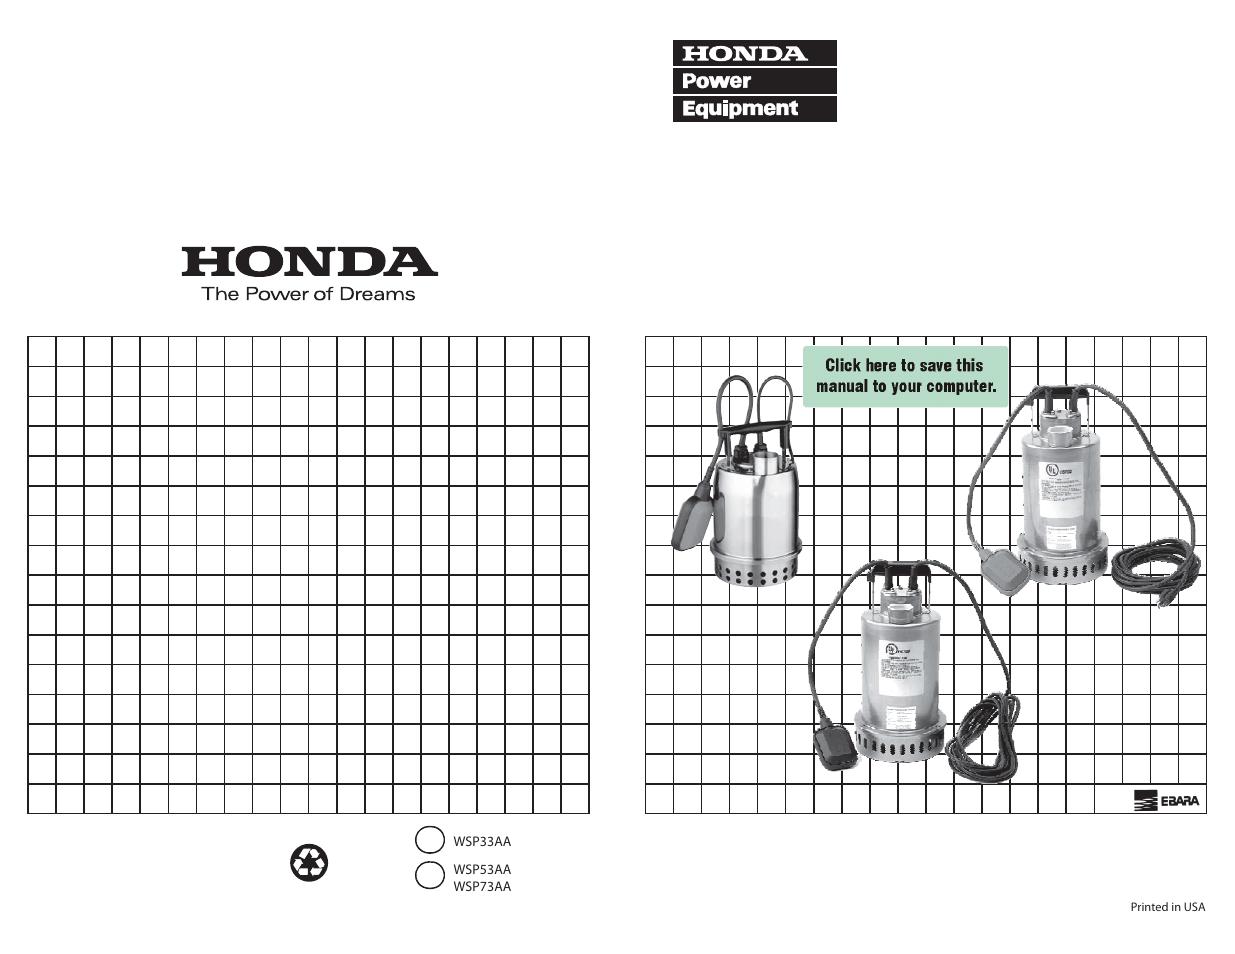 Honda Submersible Pump Wsp33aa User Manual